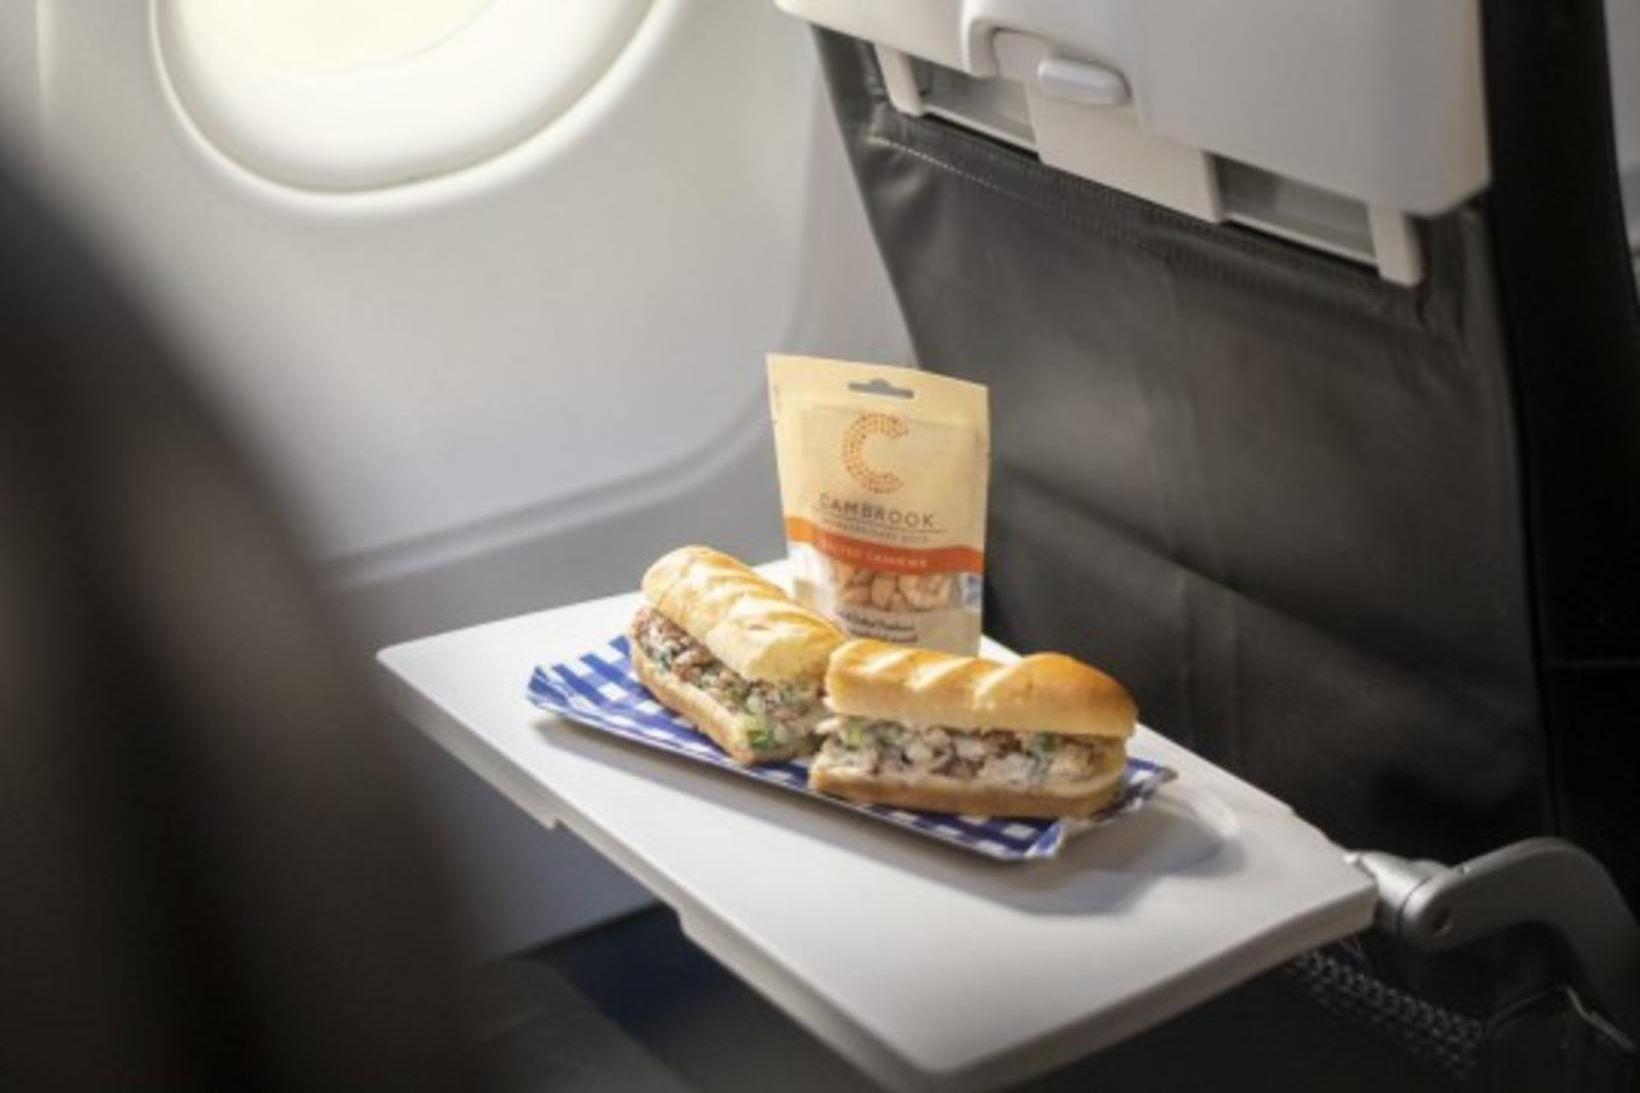 Nýr matseðill hefur litið dagsins ljós hjá British Airways.